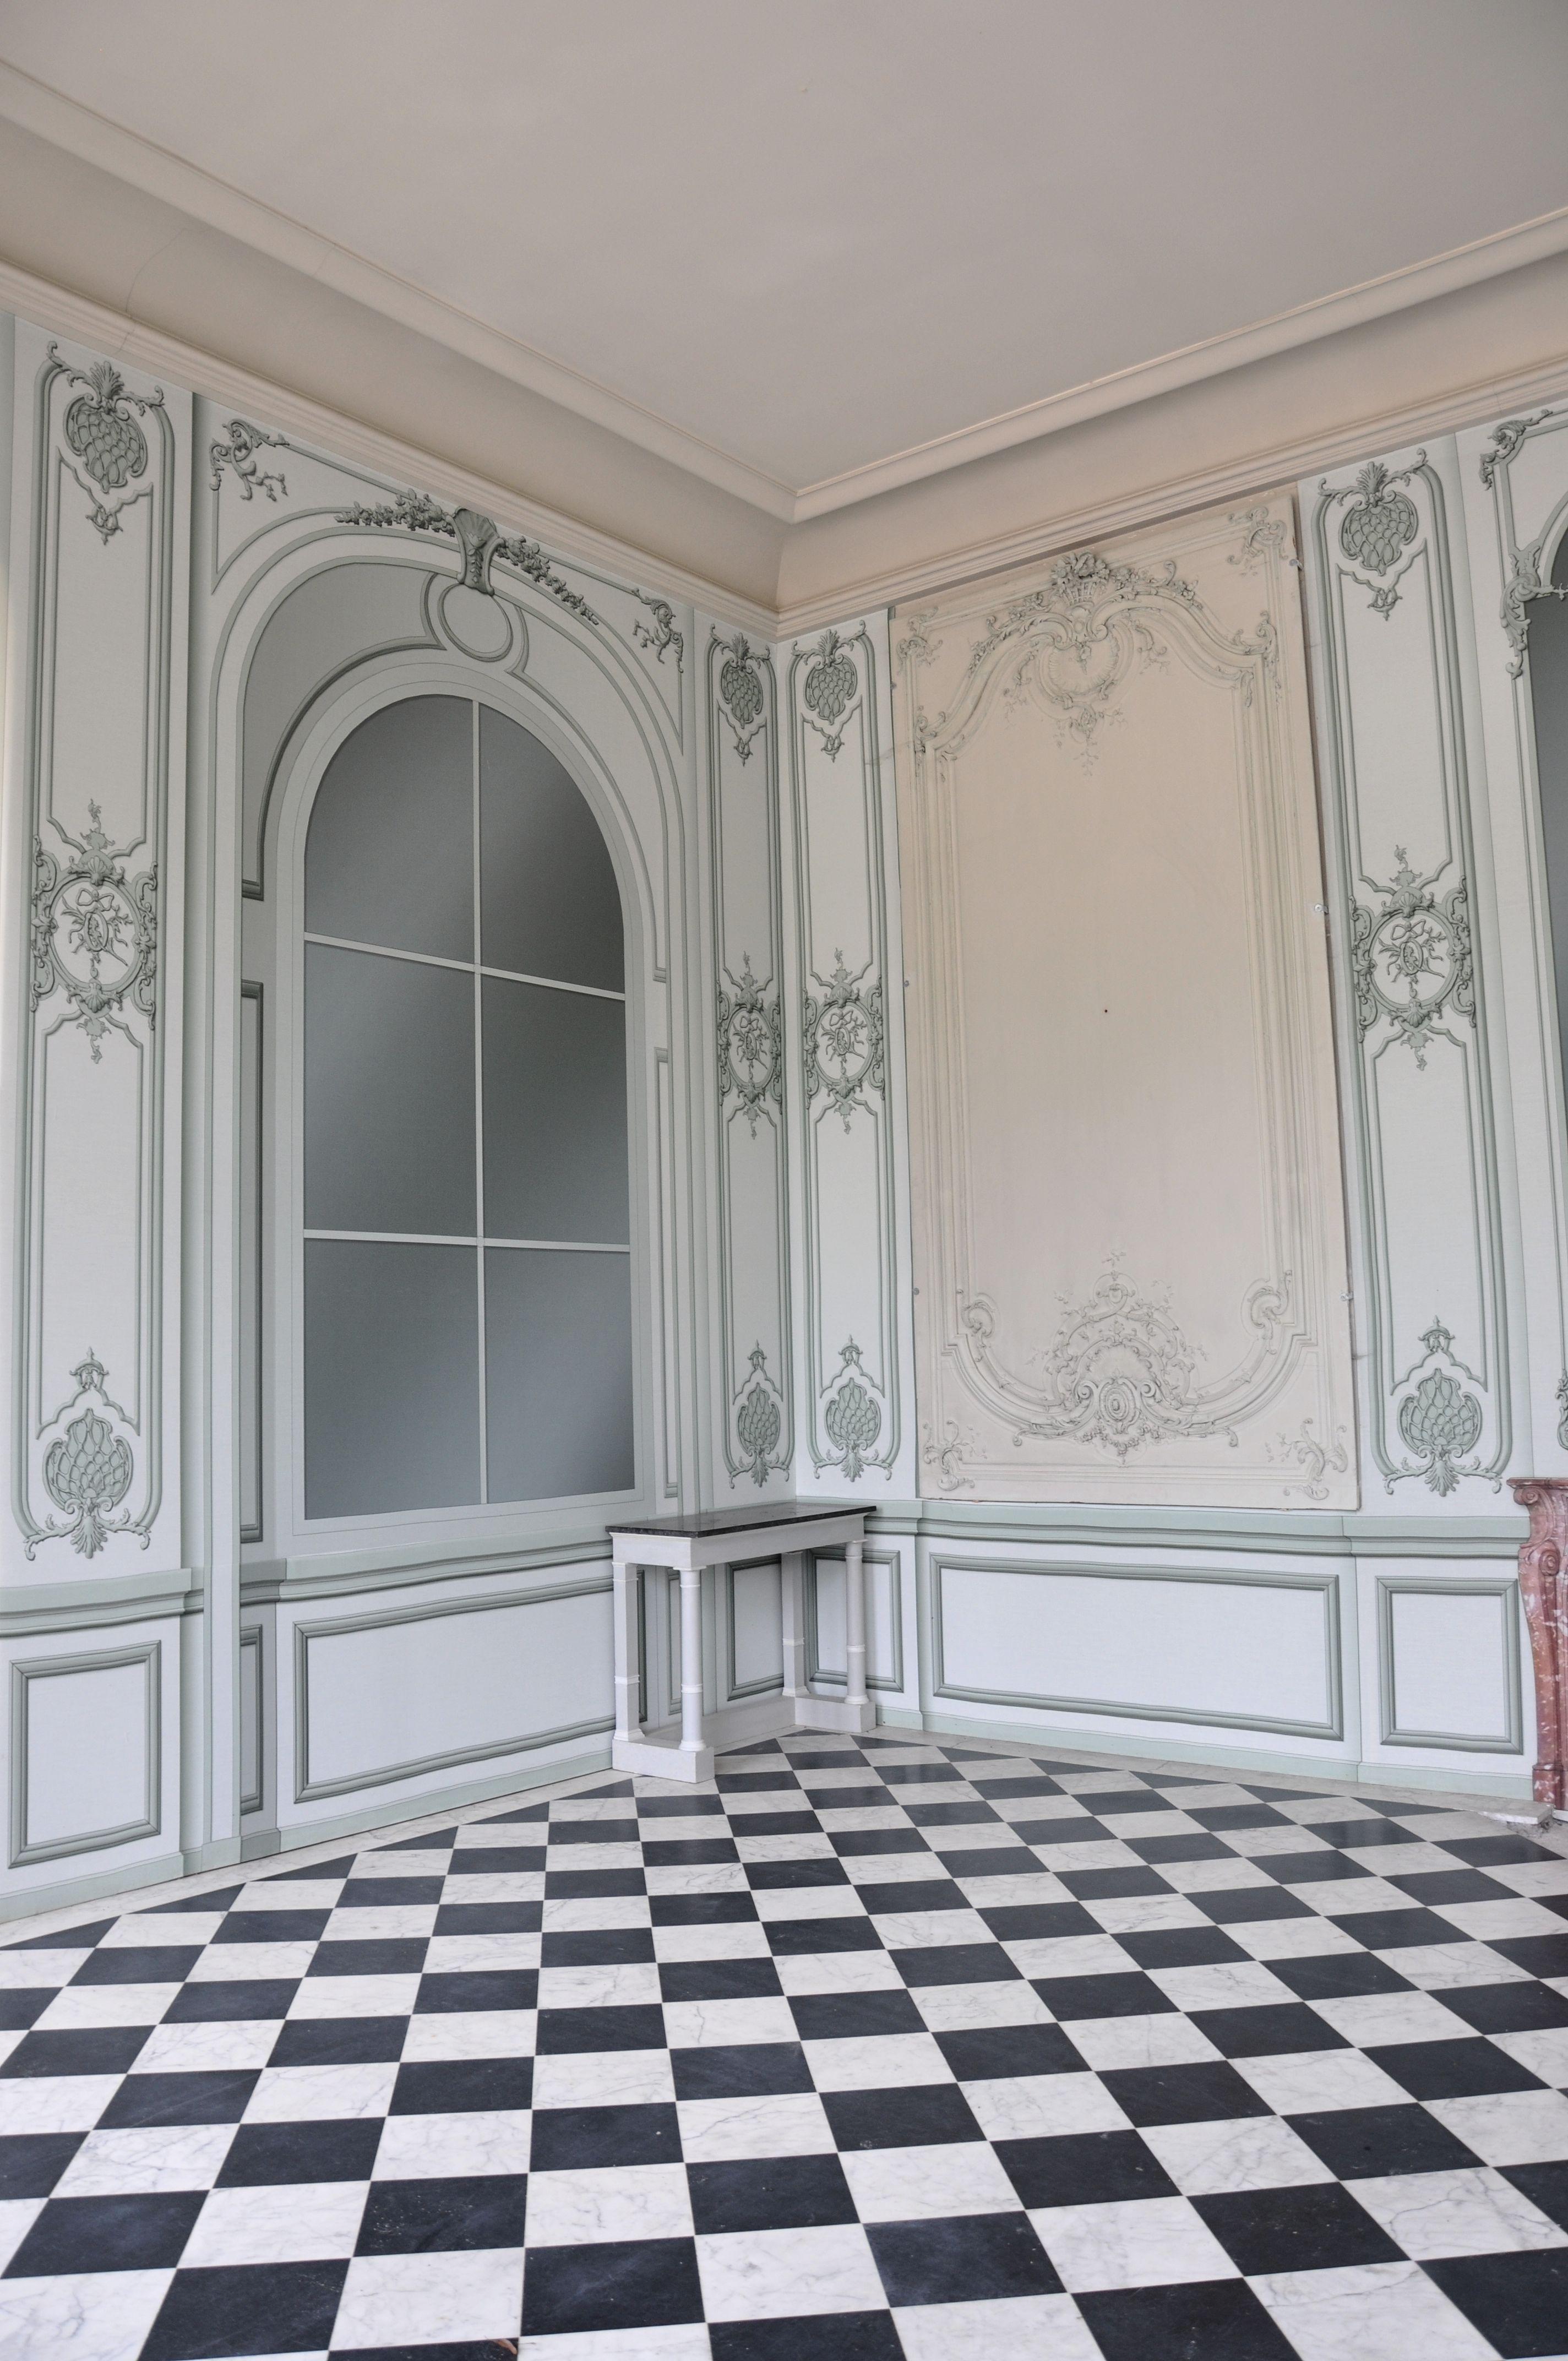 Pavillon frais jardin fran ais du petit trianon for Jardin anglais du petit trianon